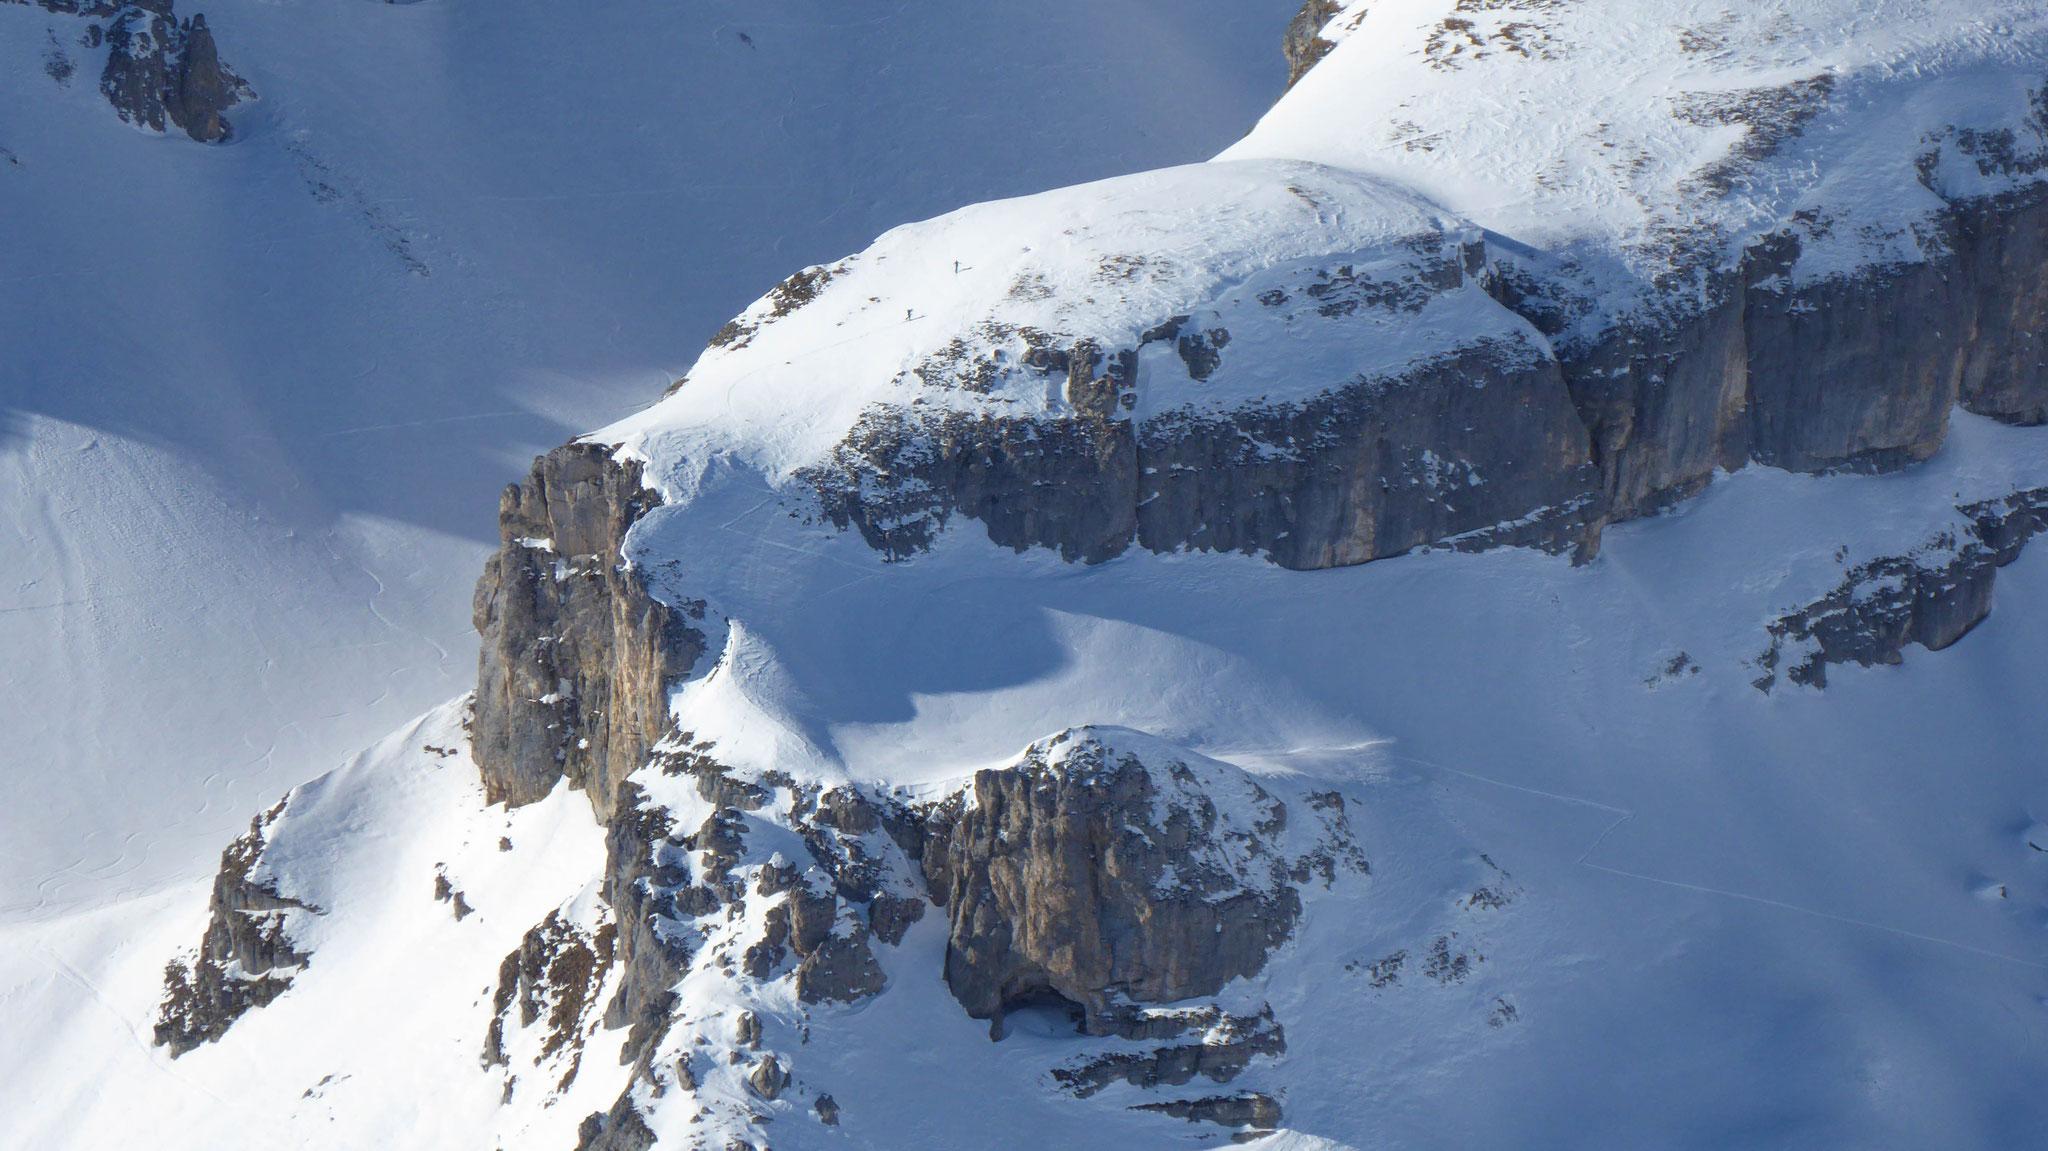 Steilpassage auf der Kugelwand zur Kesselspitze